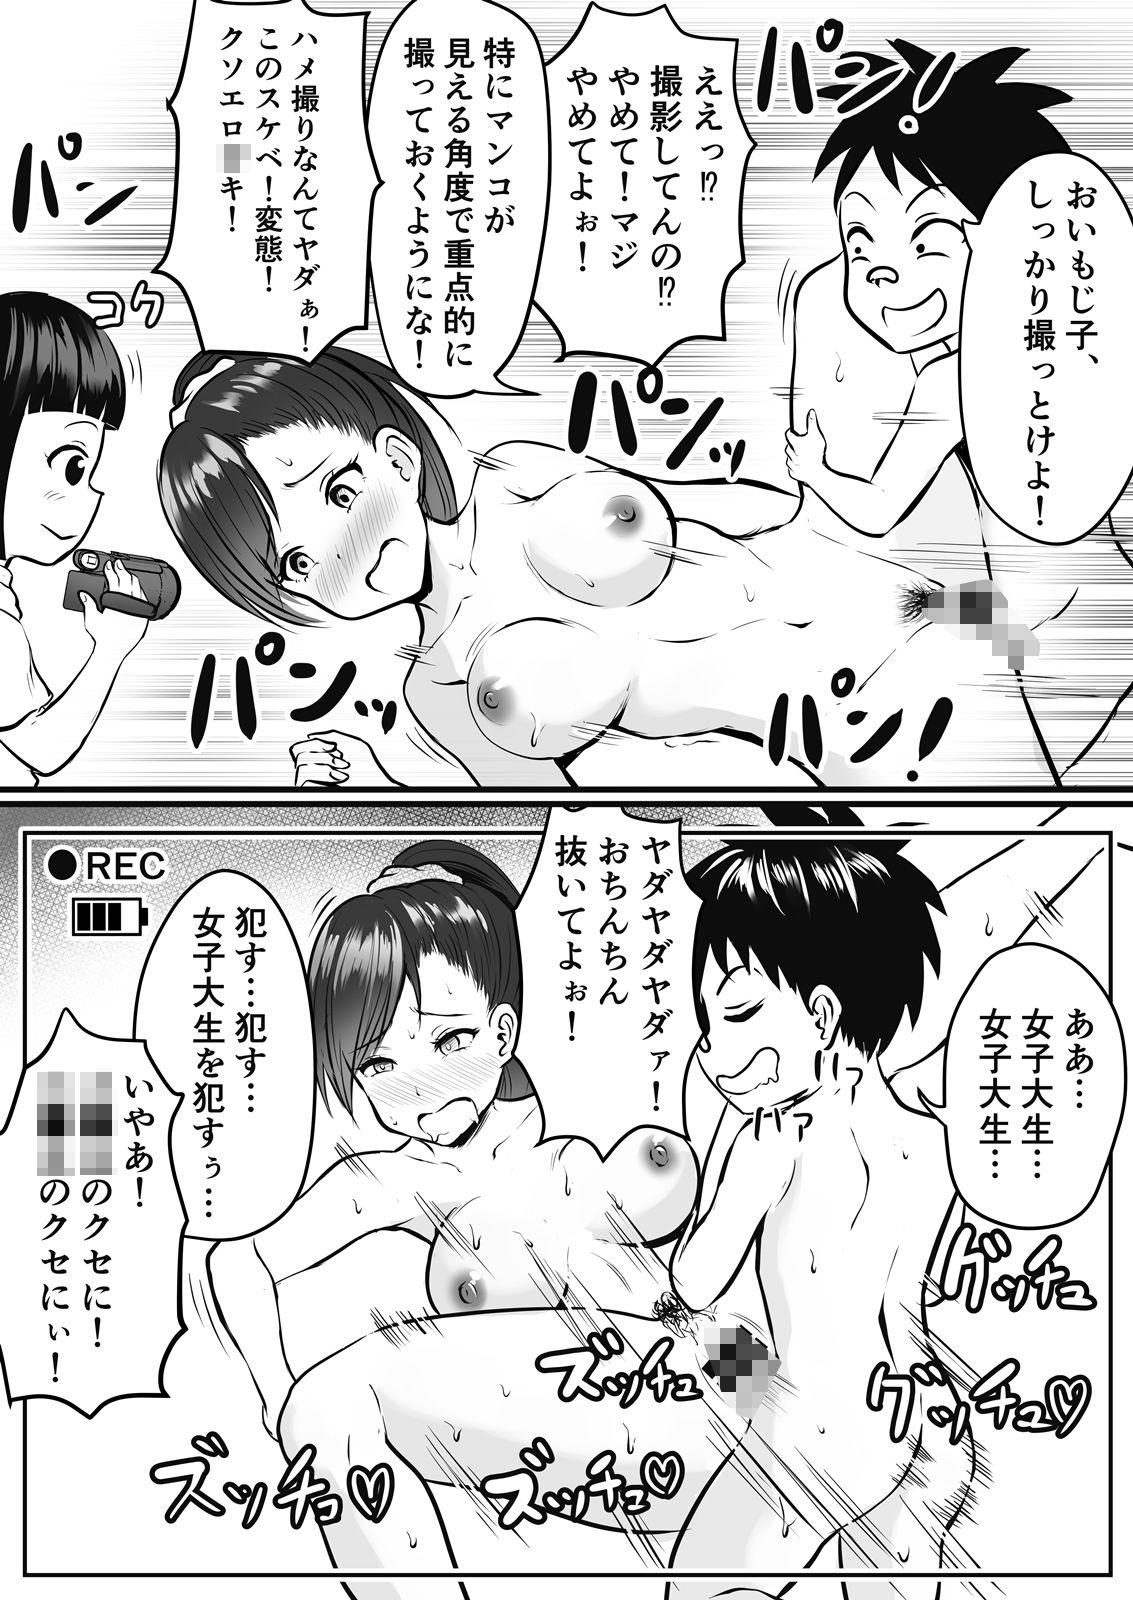 【盗撮 エロ 漫画】天才女盗撮師もじ子のカメラ潜入ミッション!